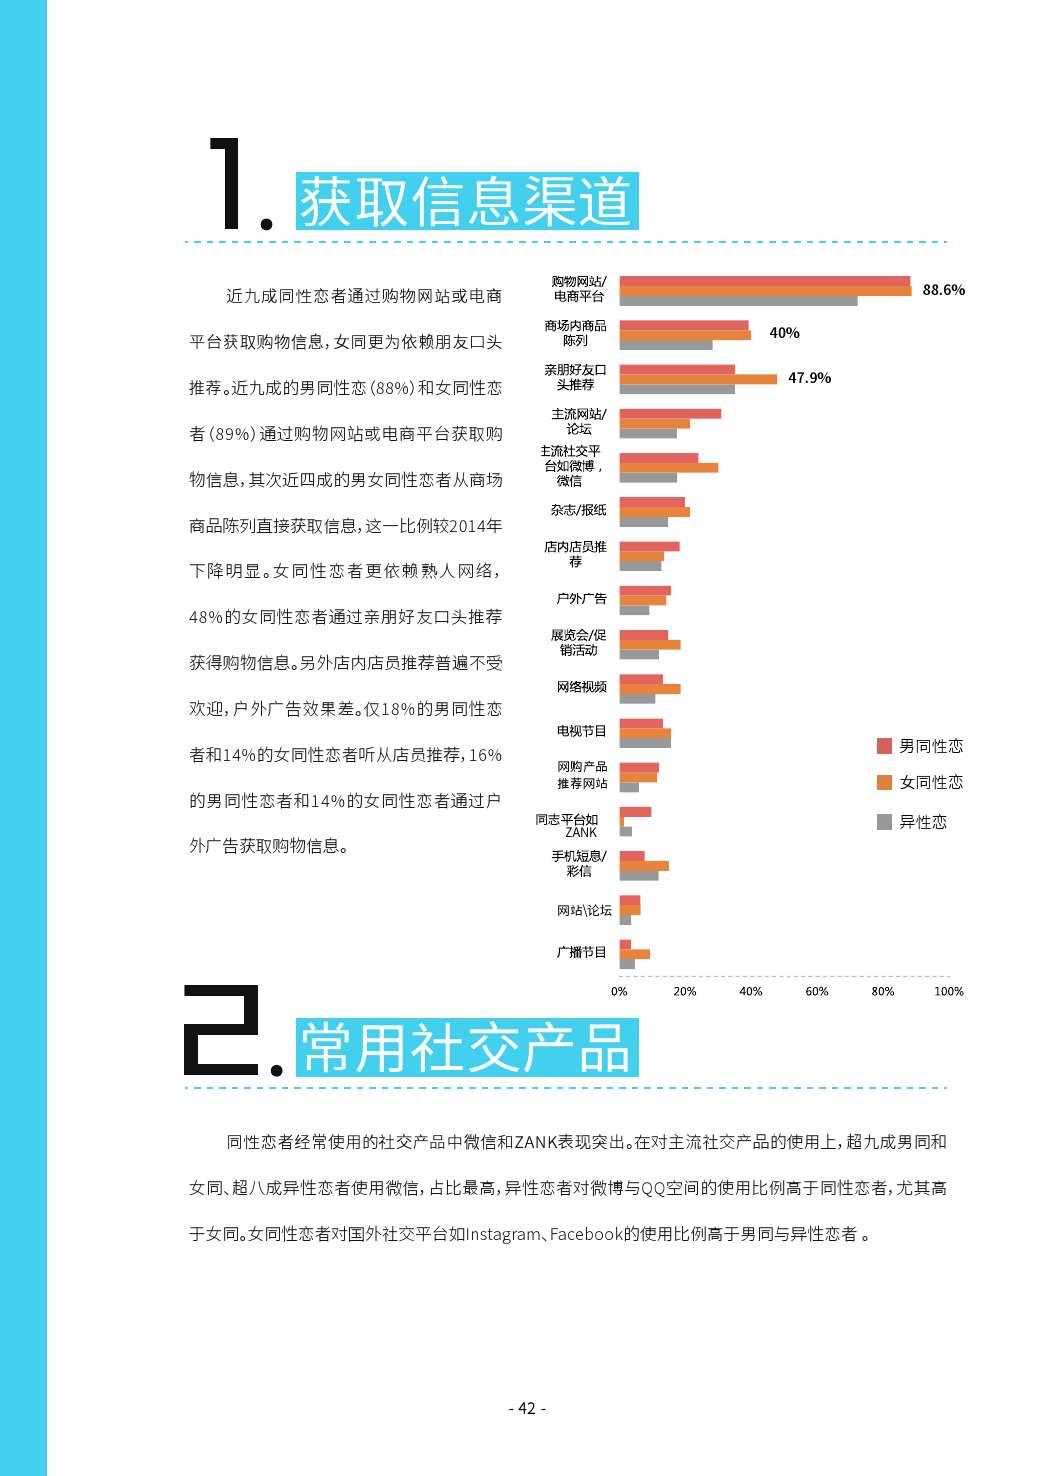 第二届中国LGBT群体消费调查报告_000042